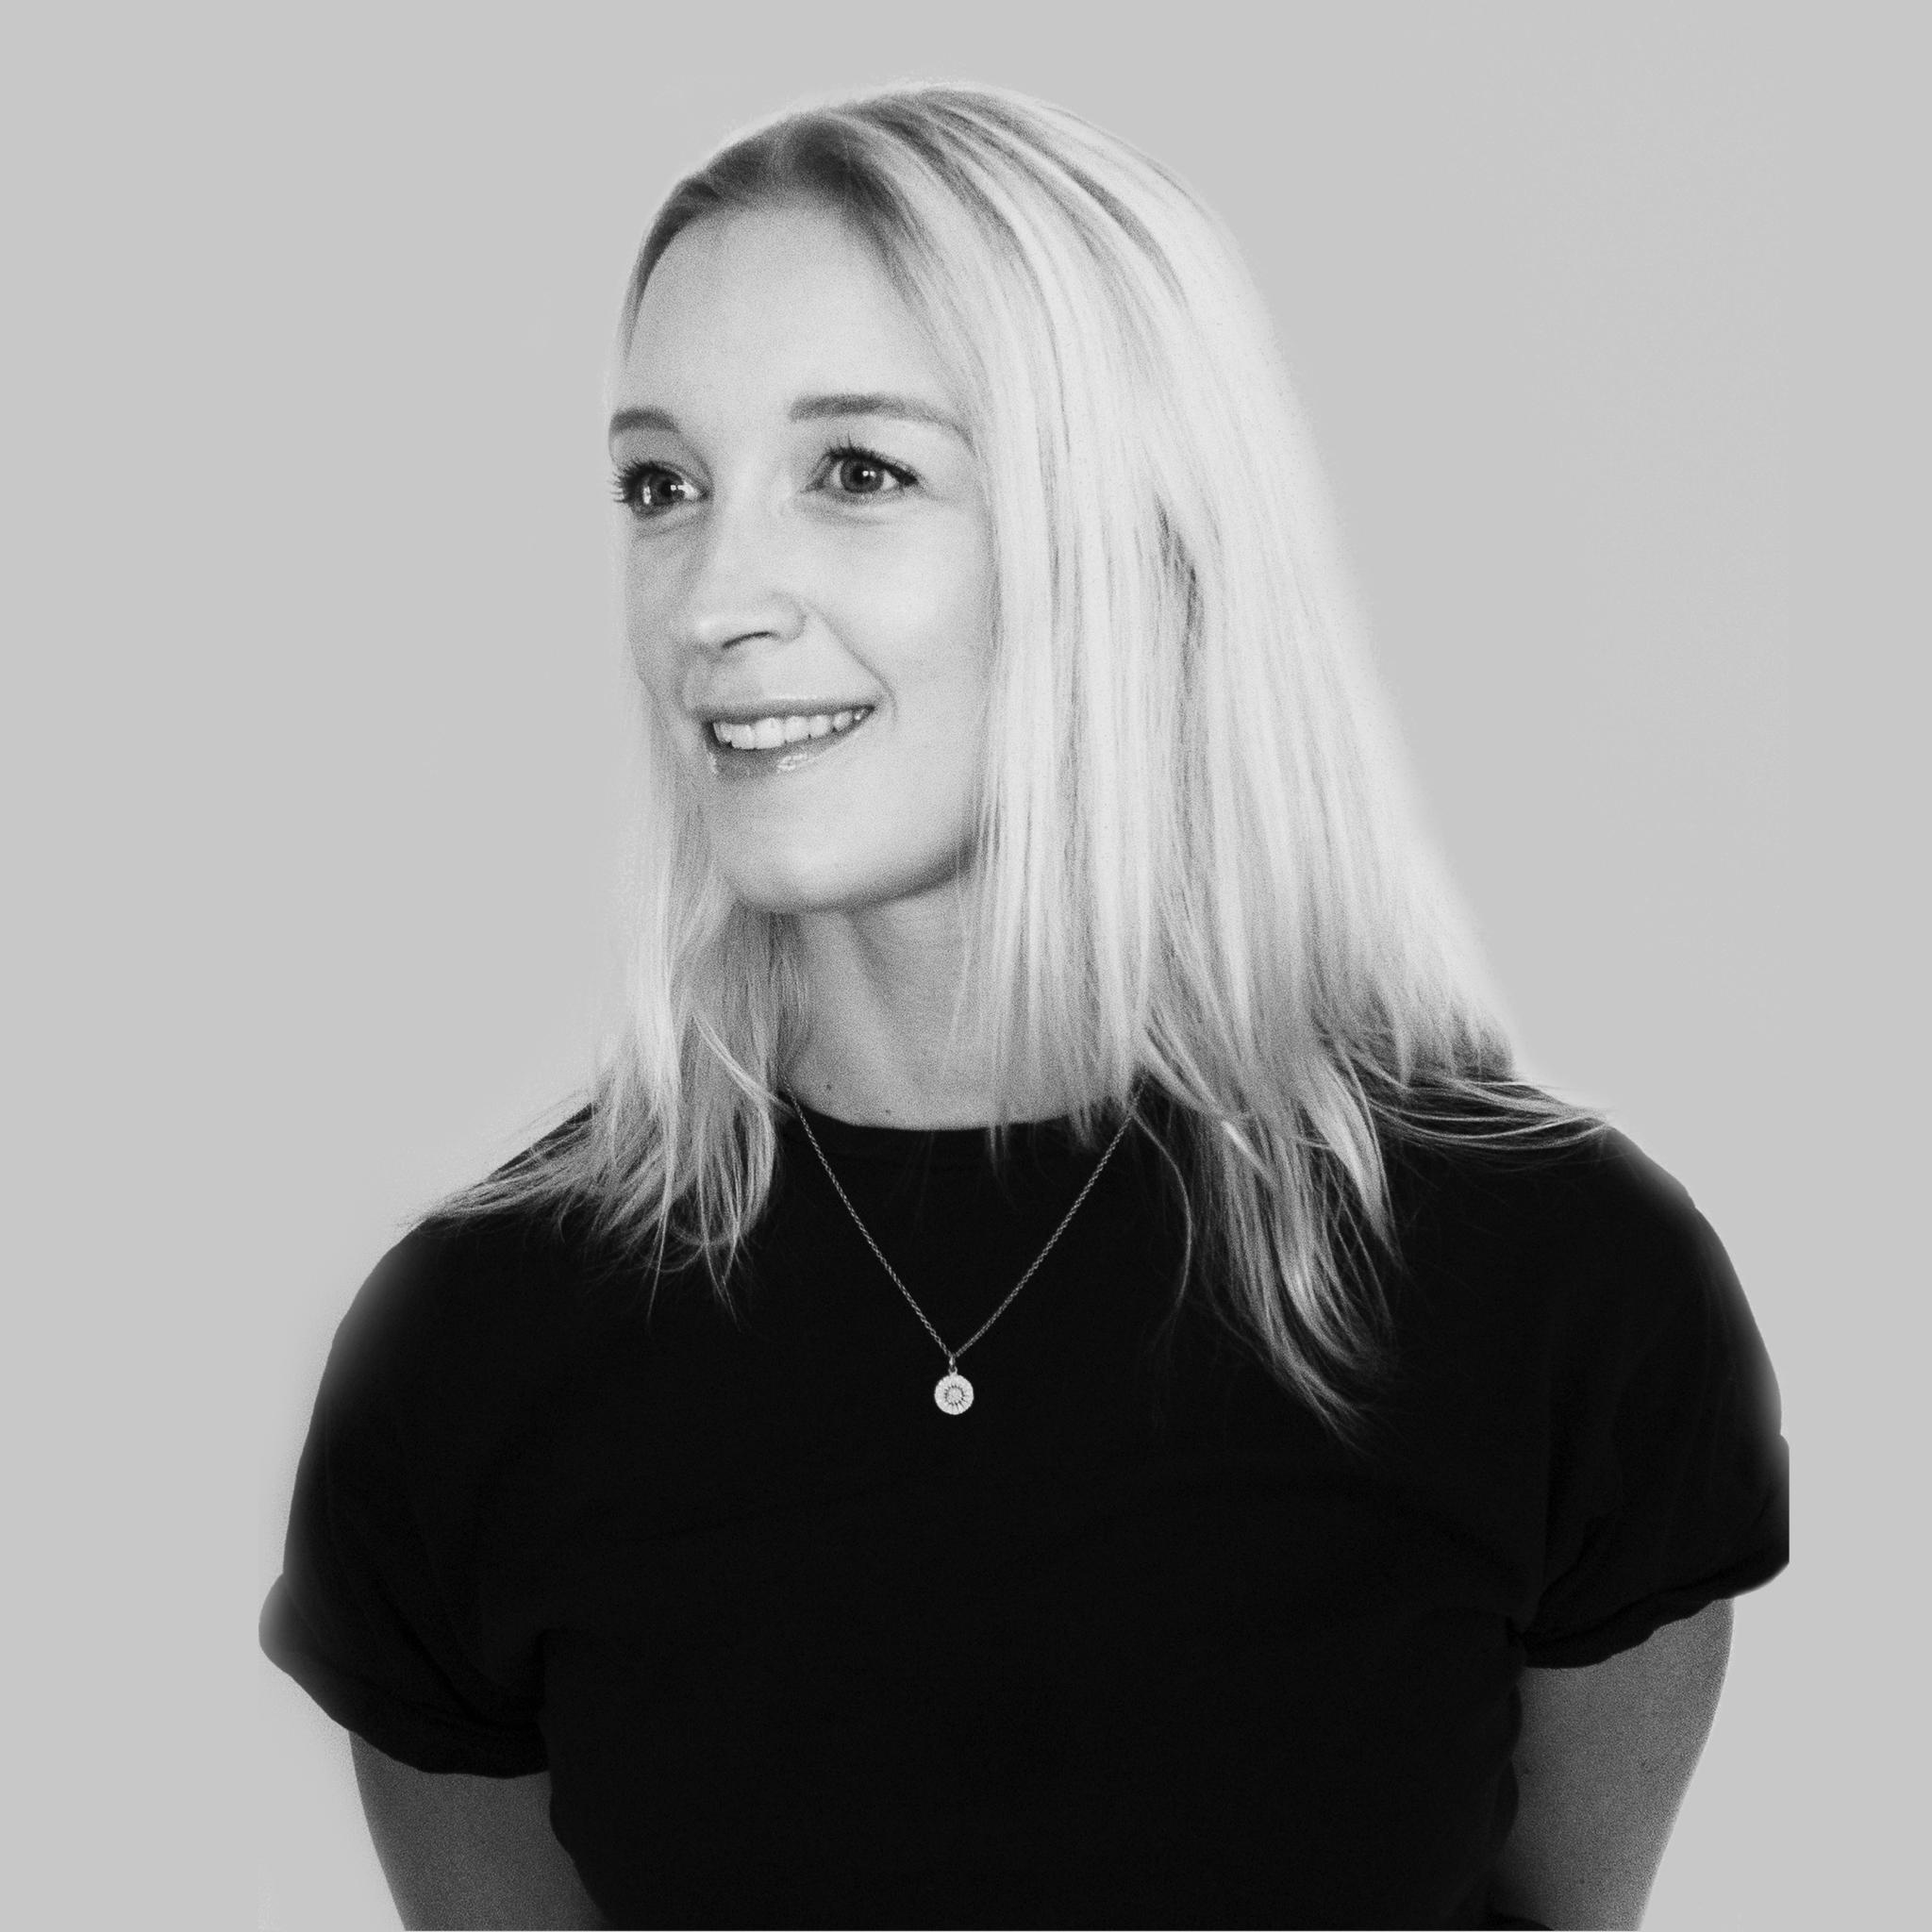 Malene Lillelund